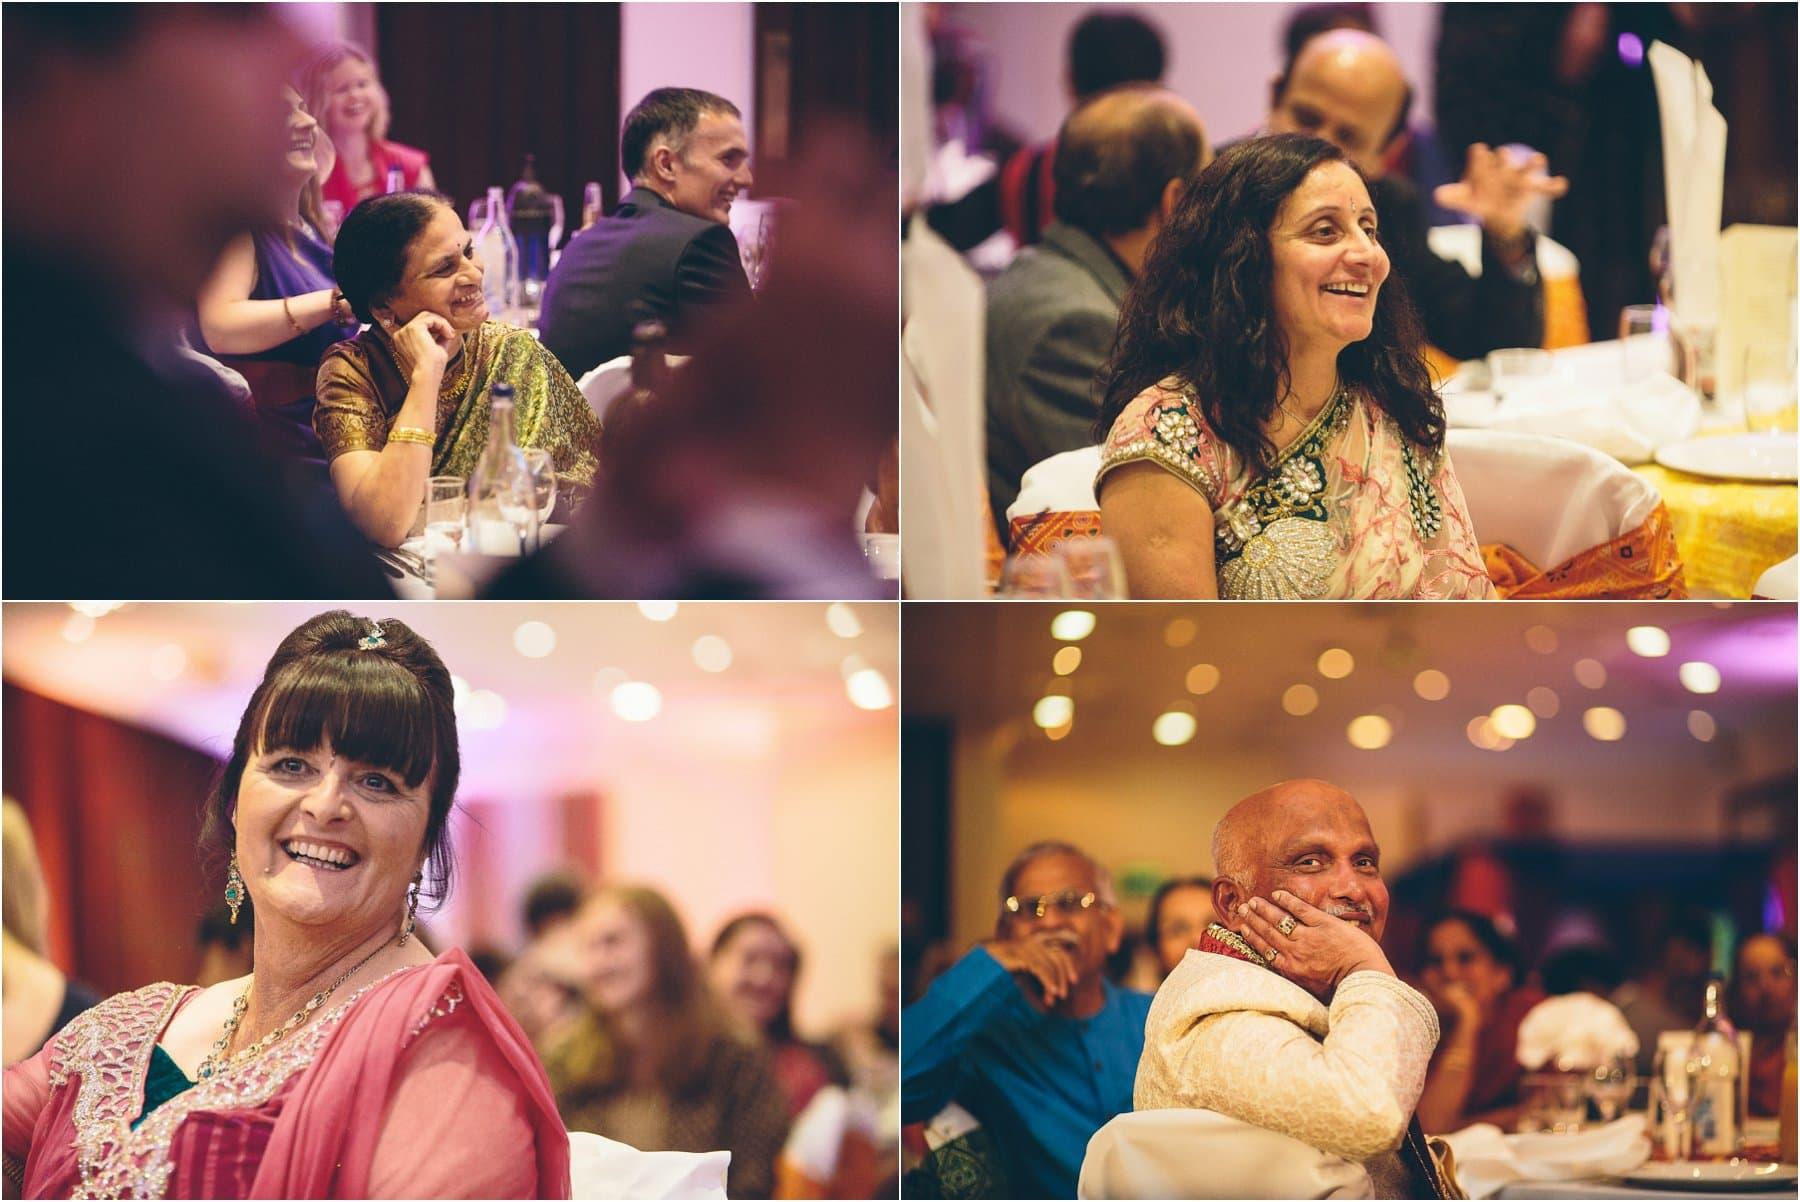 Lancashire_Indian_Wedding_Photography_0013